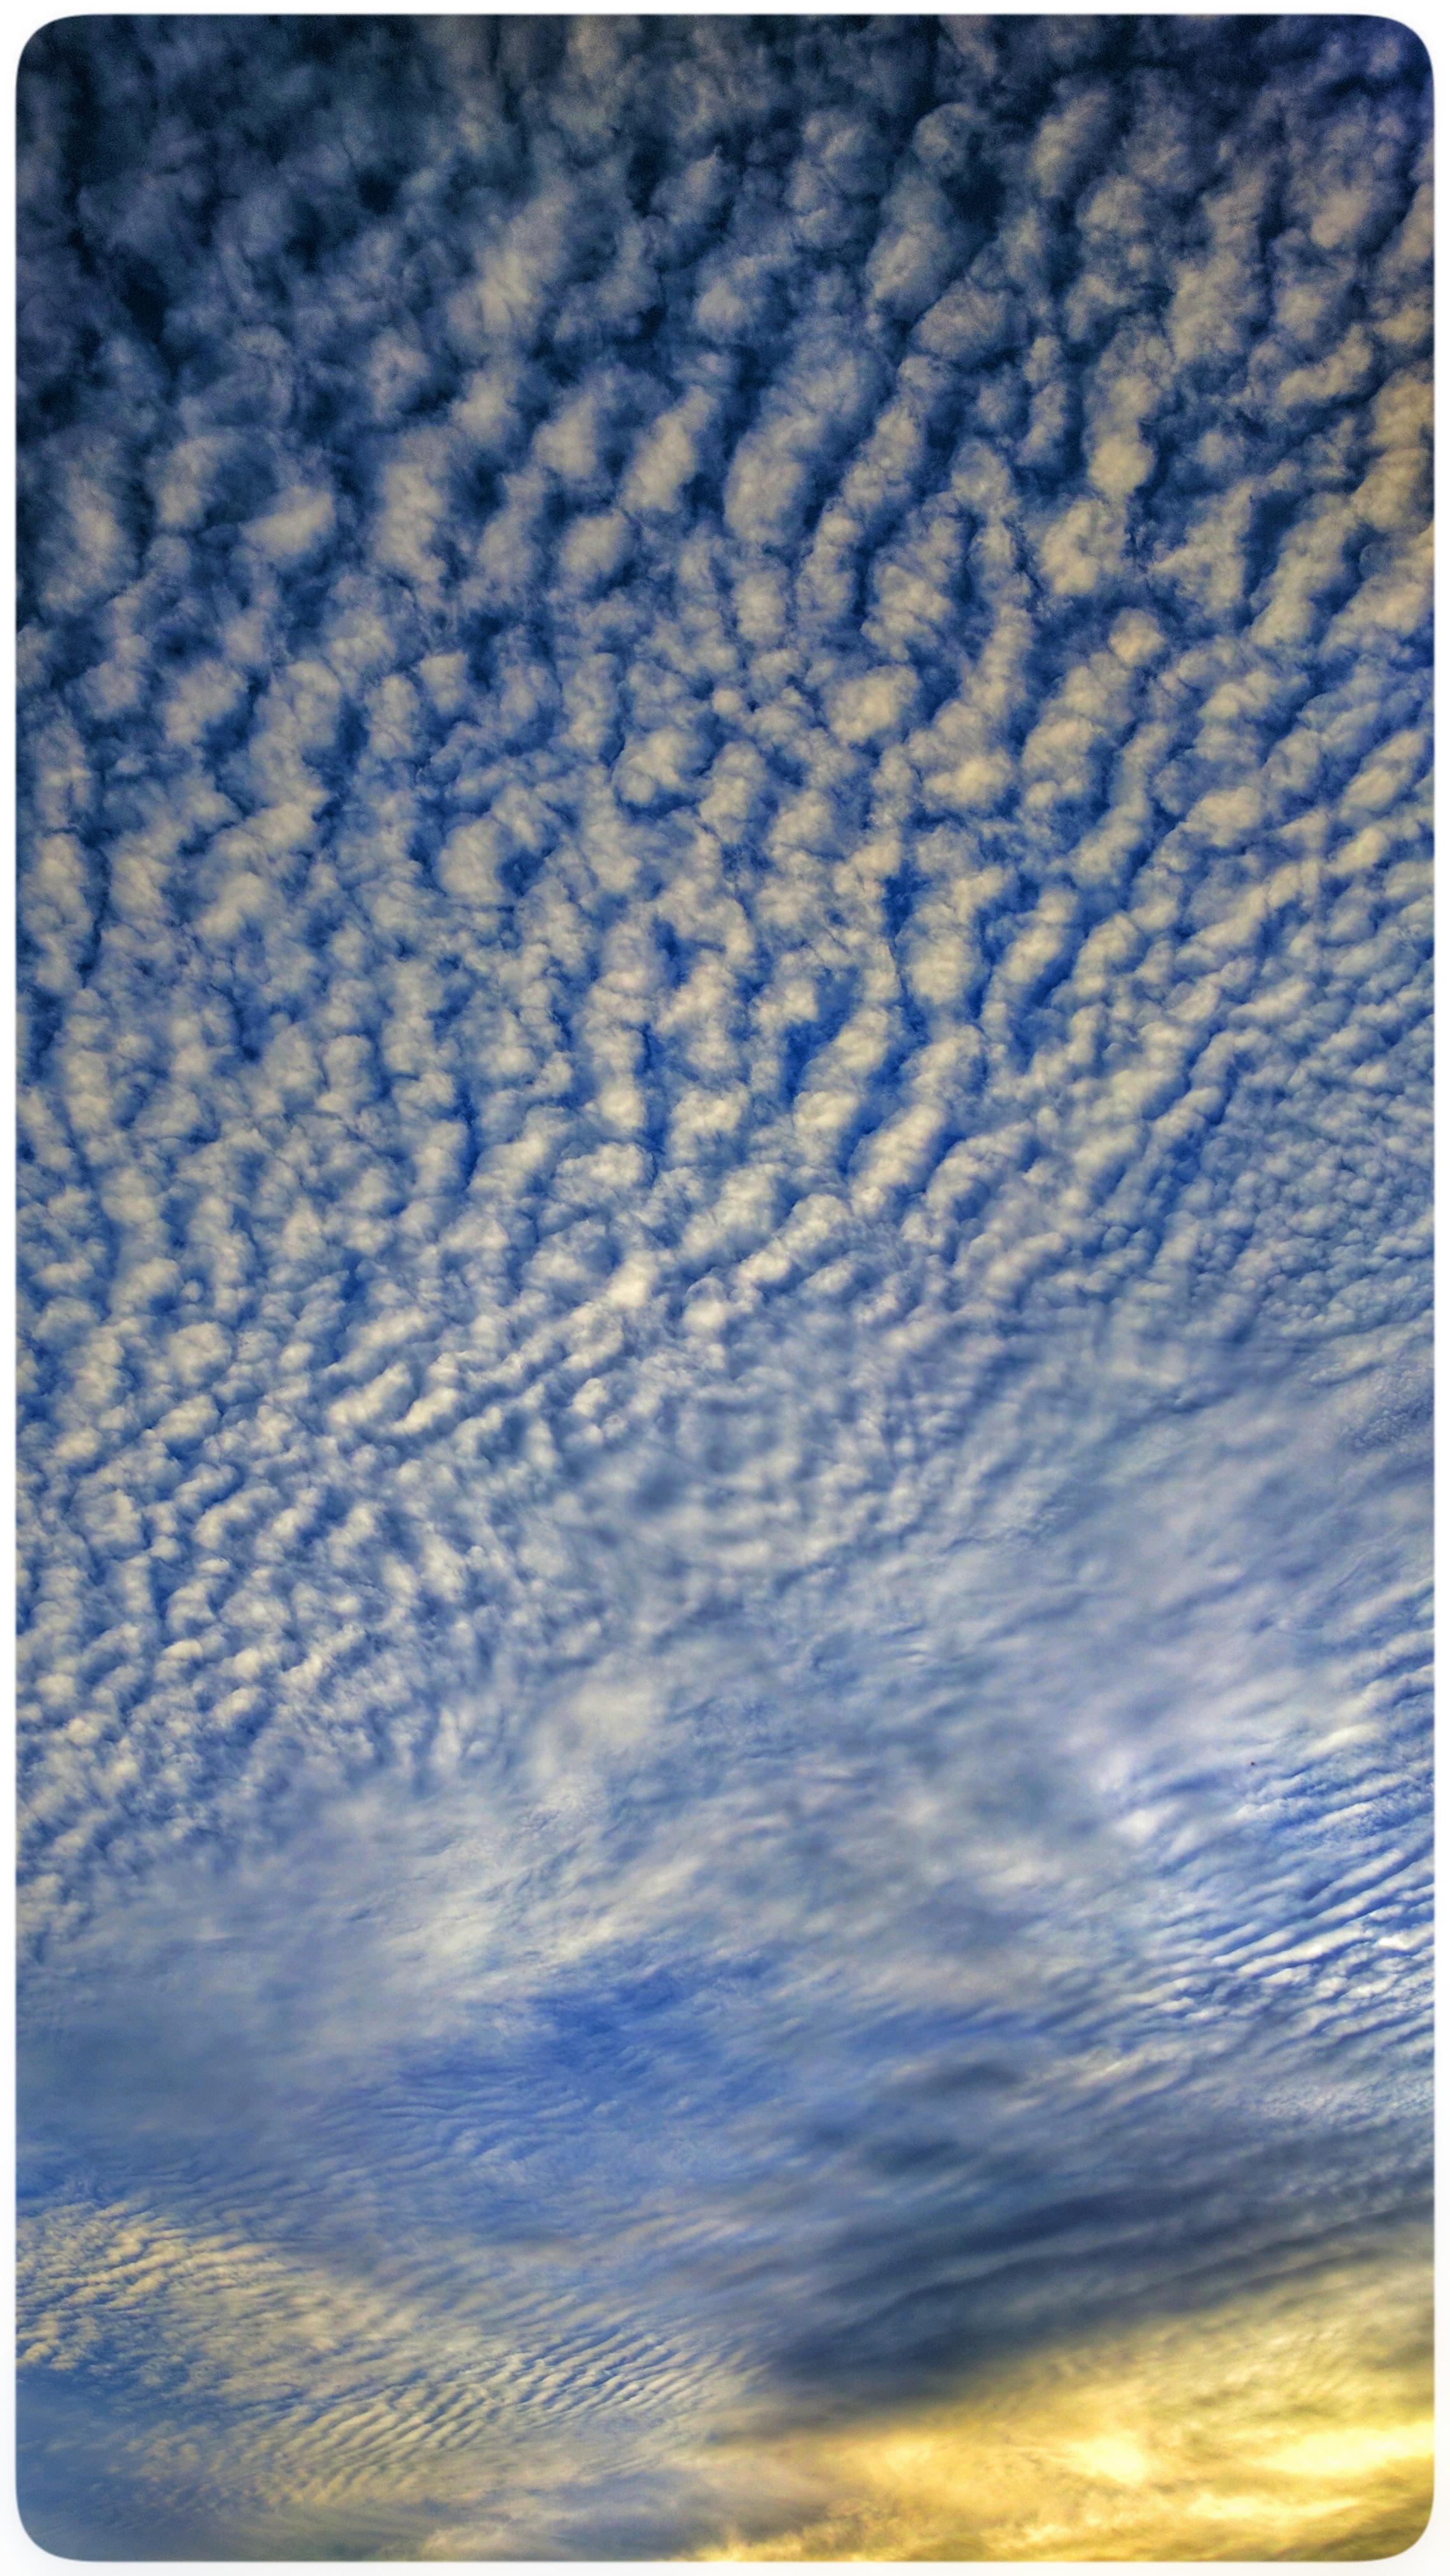 Dappled clouds